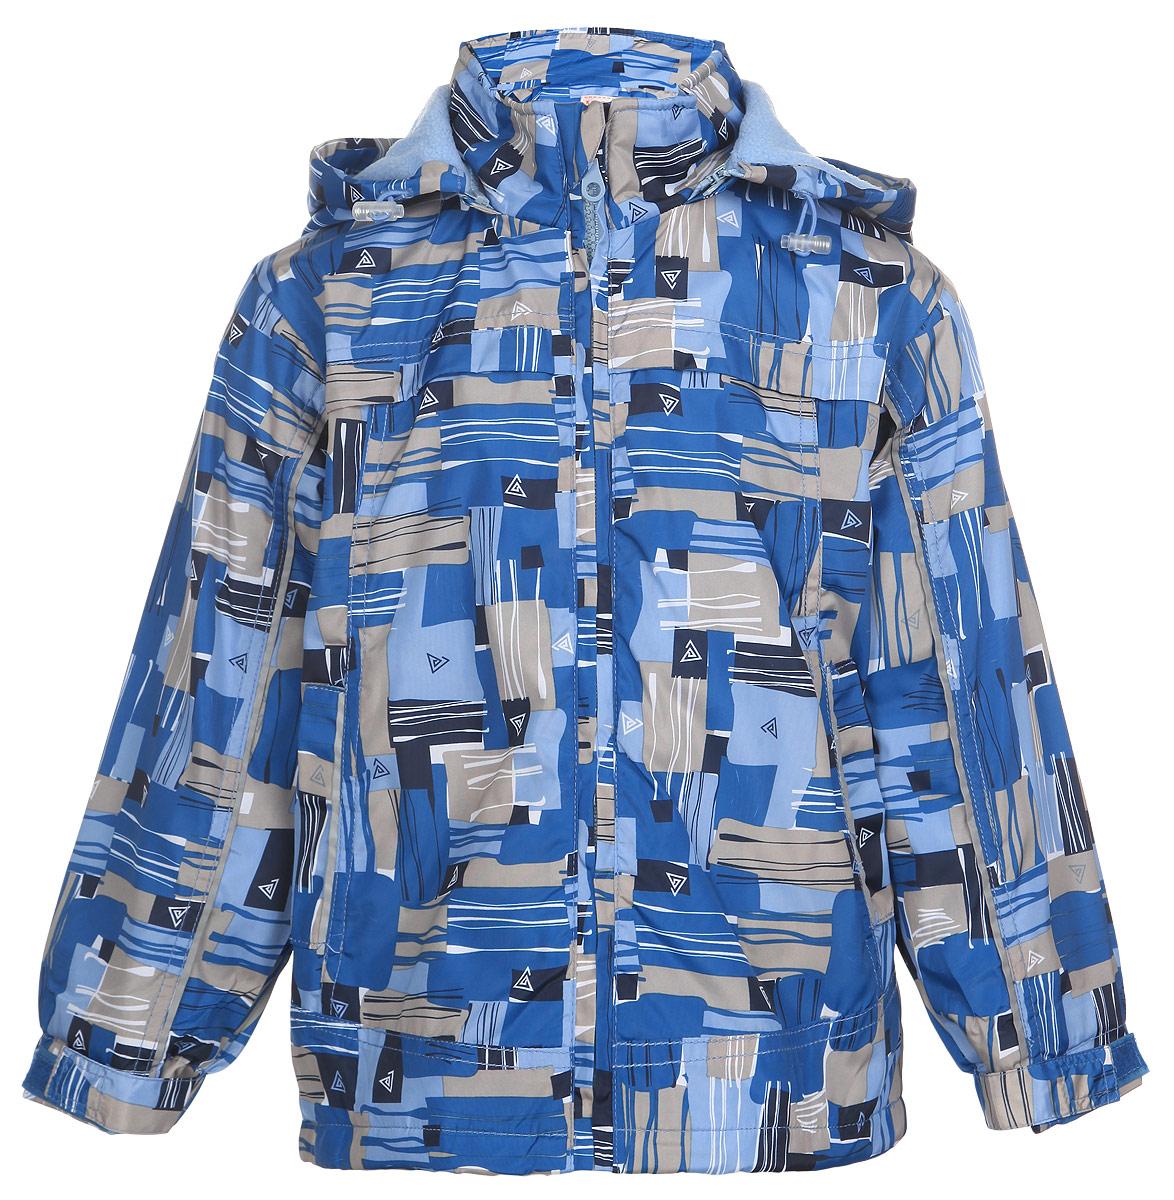 Куртка для мальчика. 111603R-10111603R-10Легкая куртка для мальчика M&D, изготовленная из полиэстера, идеально подойдет для ребенка в прохладную погоду. Для большего комфорта на подкладке используется мягкий флис, который хорошо сохраняет тепло. Куртка с капюшоном застегивается на пластиковую молнию с защитой подбородка. Капюшон по краю дополнен затягивающимся шнурком со стопперами. Низ рукавов присборен на резинки. Ширину манжет можно регулировать при помощи хлястиков на липучках. Низ куртки оснащен резинкой со стопперами, защищающей от проникновения холодного воздуха. Спереди расположены два втачных кармана. Оформлено изделие оригинальным принтом. Куртка дополнена светоотражающими элементами для безопасности ребенка в темное время суток. Комфортная, удобная и практичная куртка идеально подойдет для прогулок и игр на свежем воздухе!